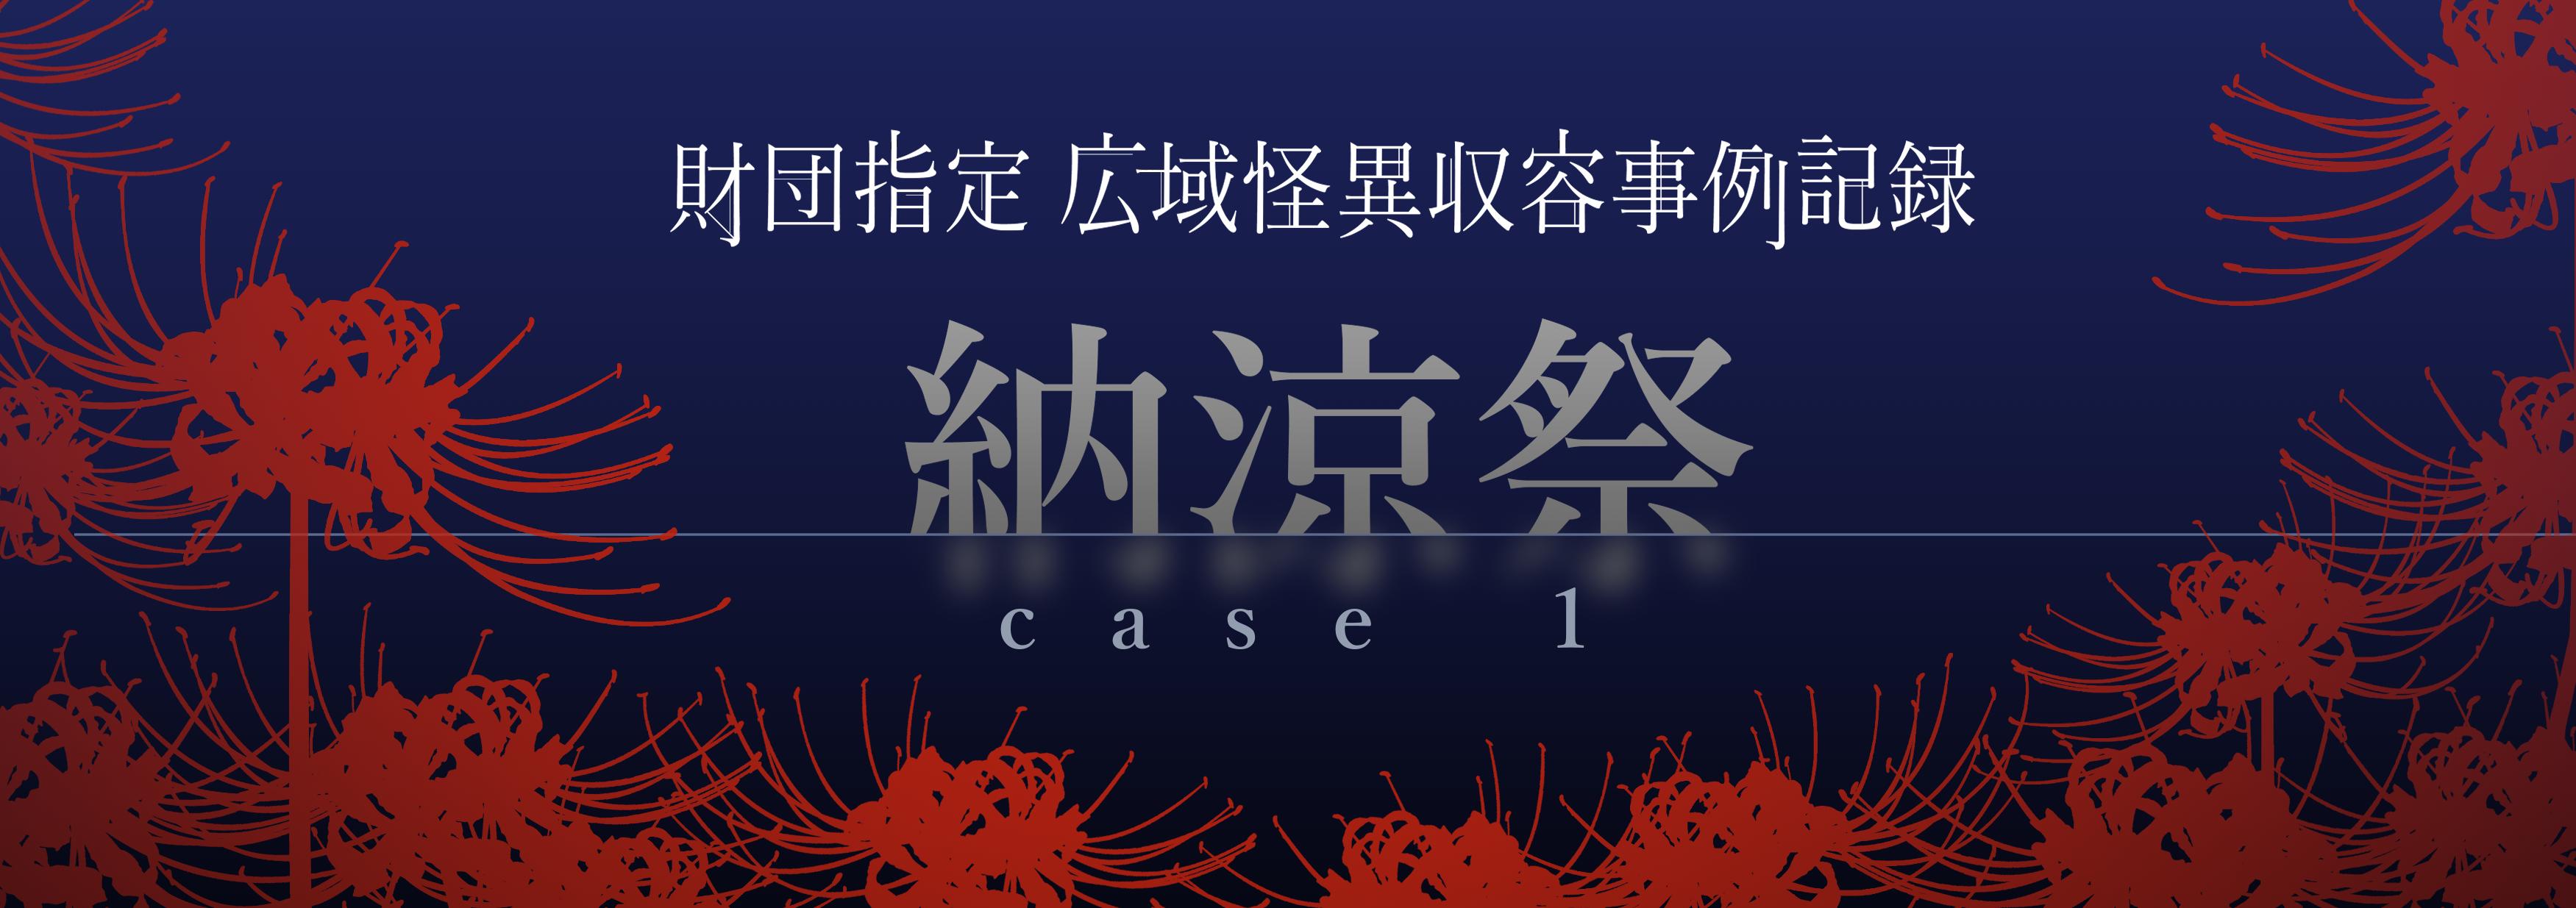 case1